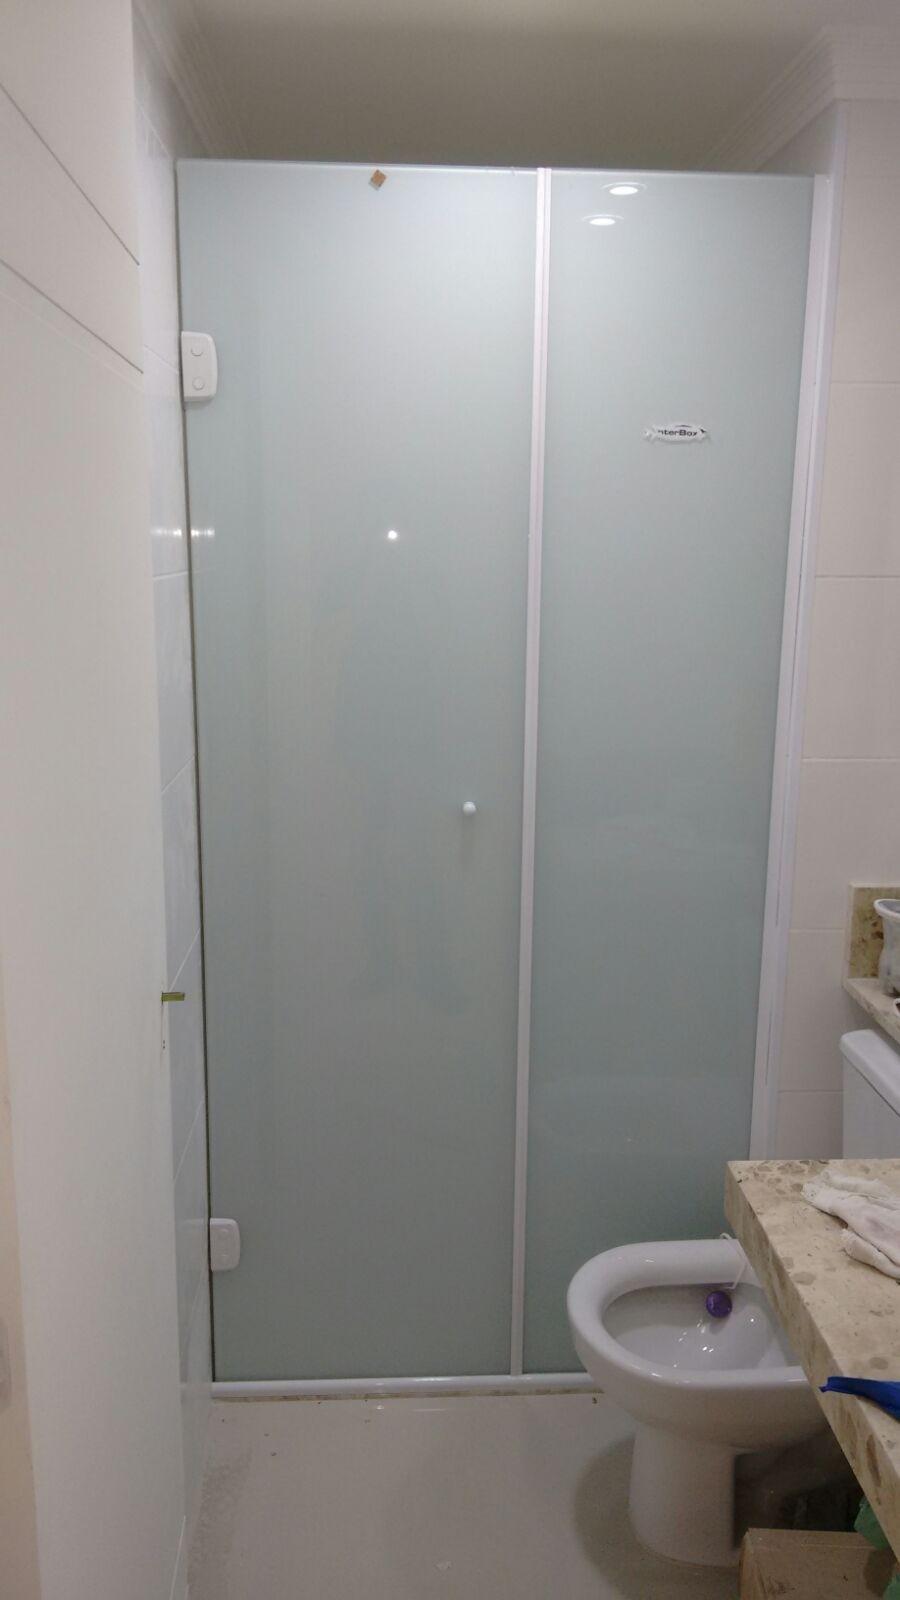 Box de Banheiro Como Comprar no Mandaqui - Box de Banheiro Preço